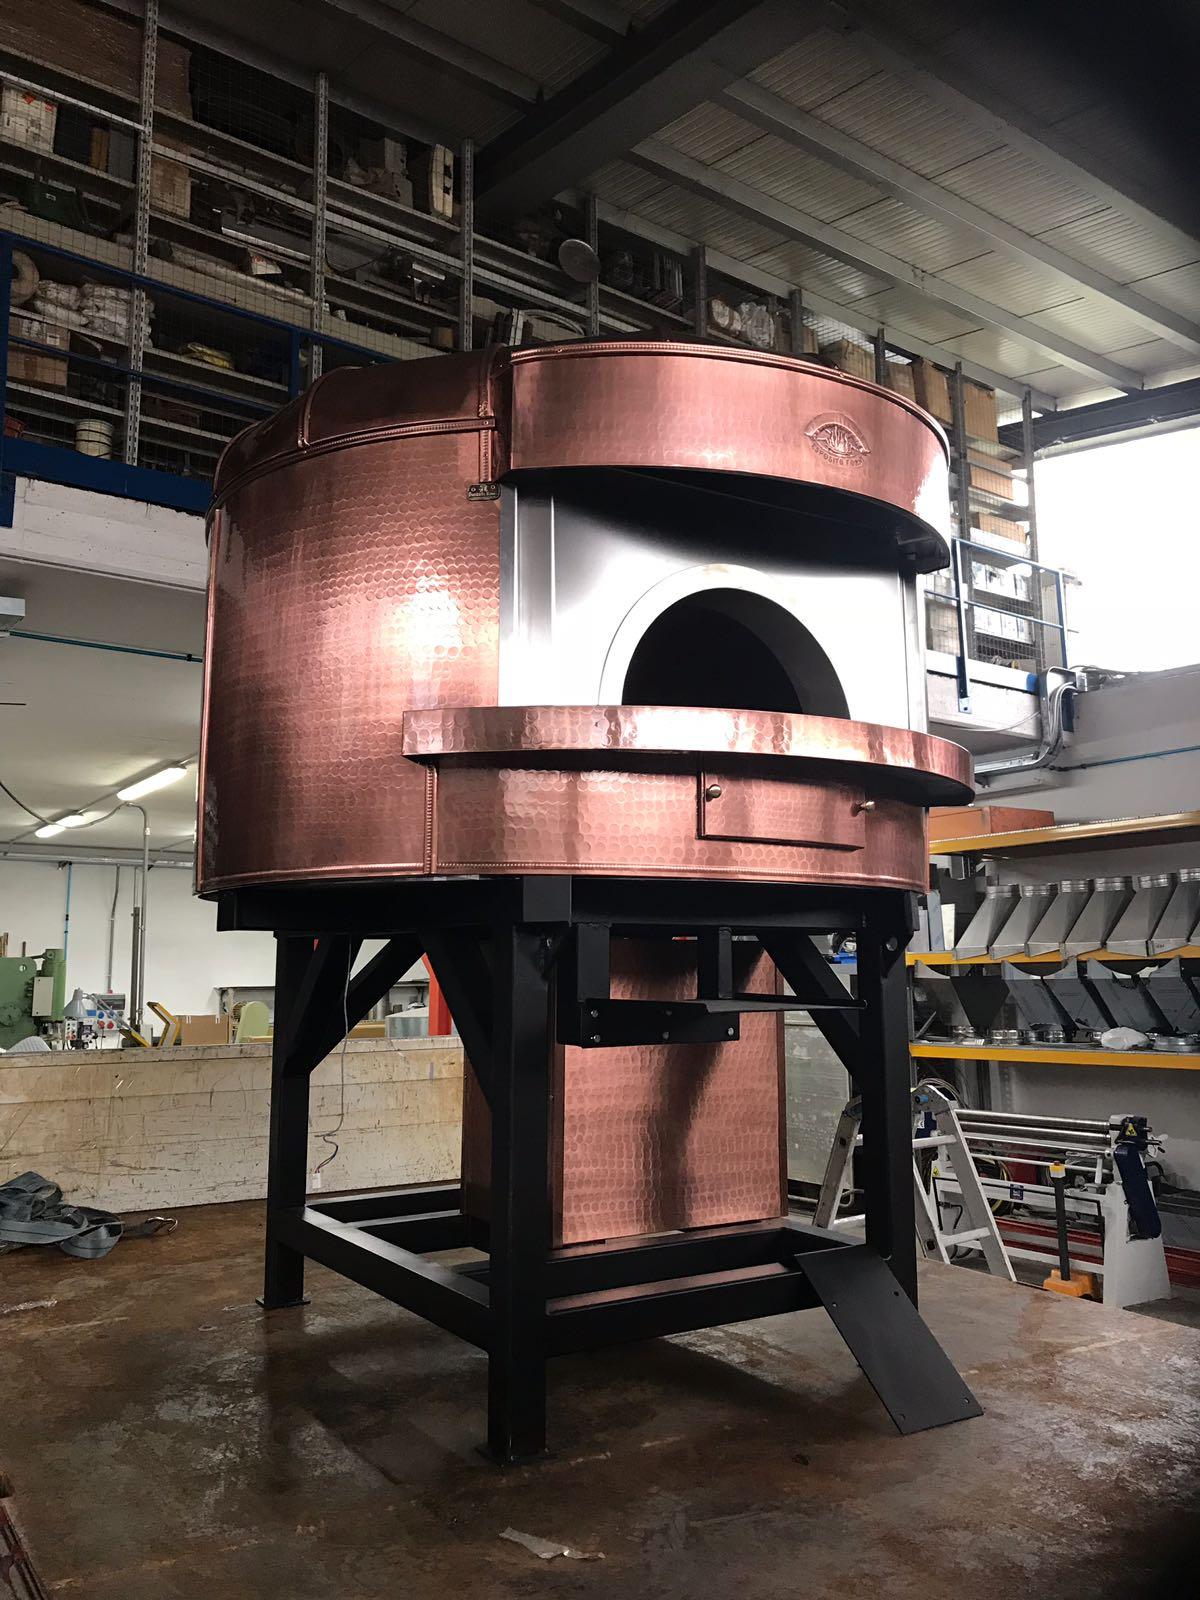 Artisan Commercial Oven Rotating Floor Mobi Pizza Ovens